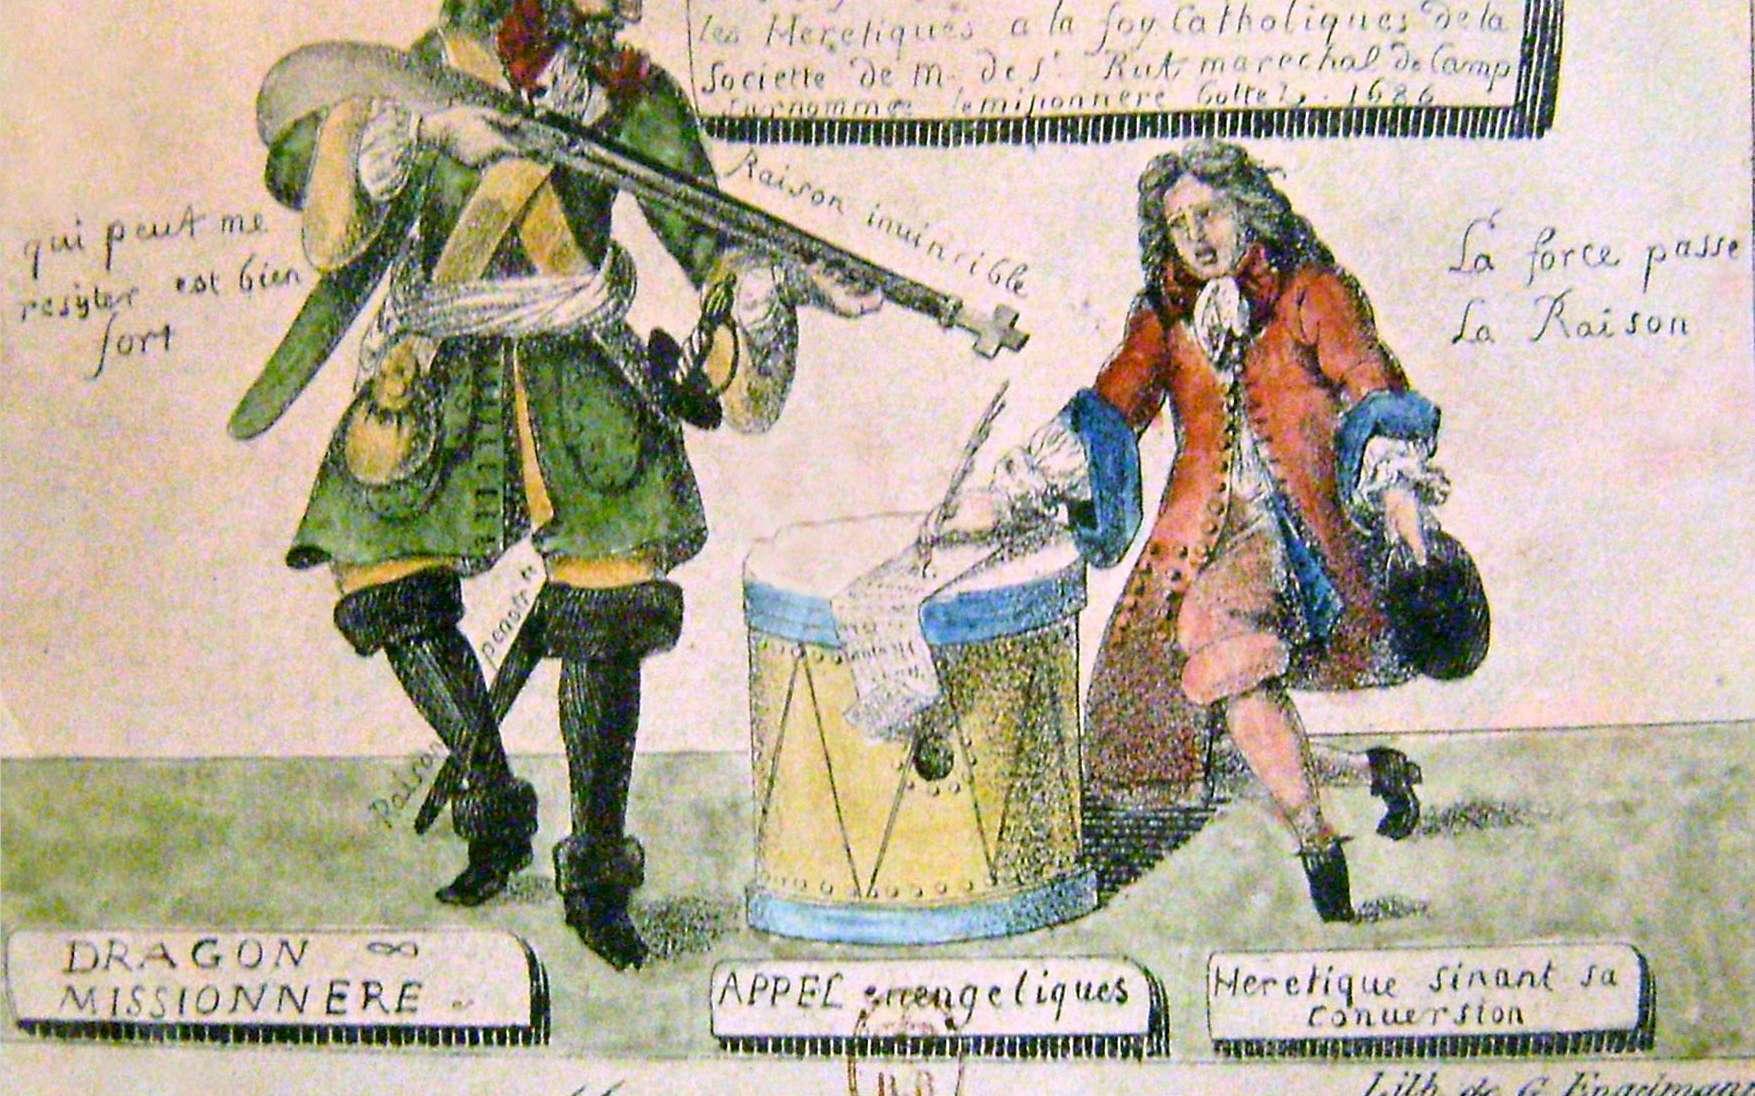 Les dragonnades. © Godefroy Engelmann d'après un dessin de 1686. Wikimedia Commons, Musée internationale de la Réforme protestante, Genève (Suisse), DP